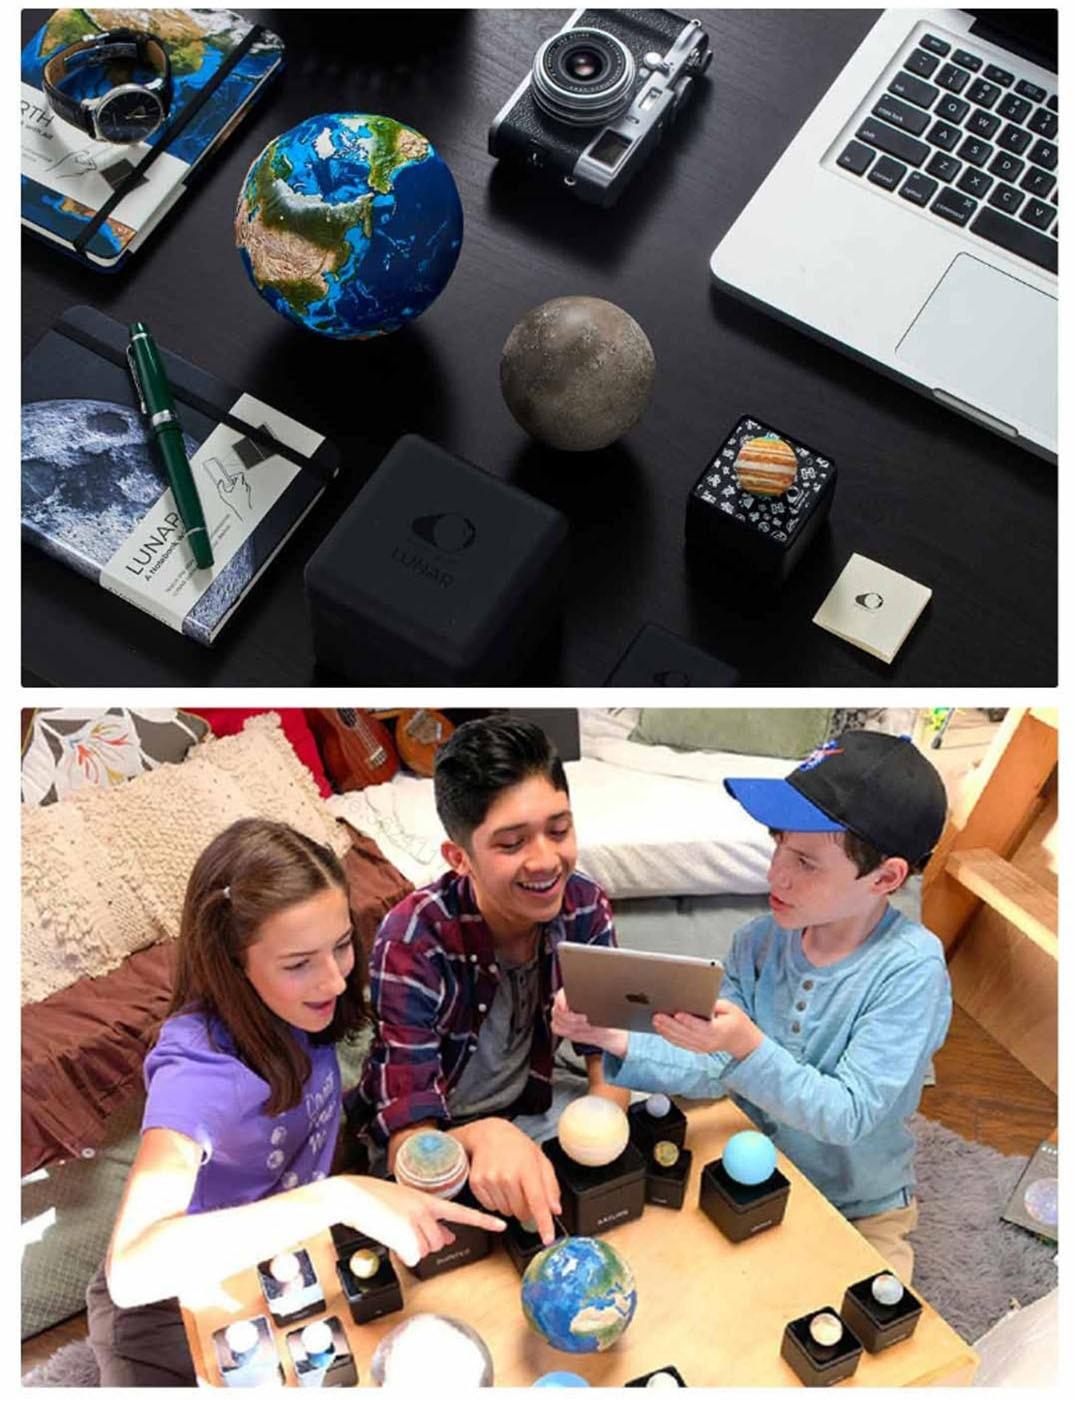 ensino 4000dpi educacional tecnologia brinquedos para o miúdo